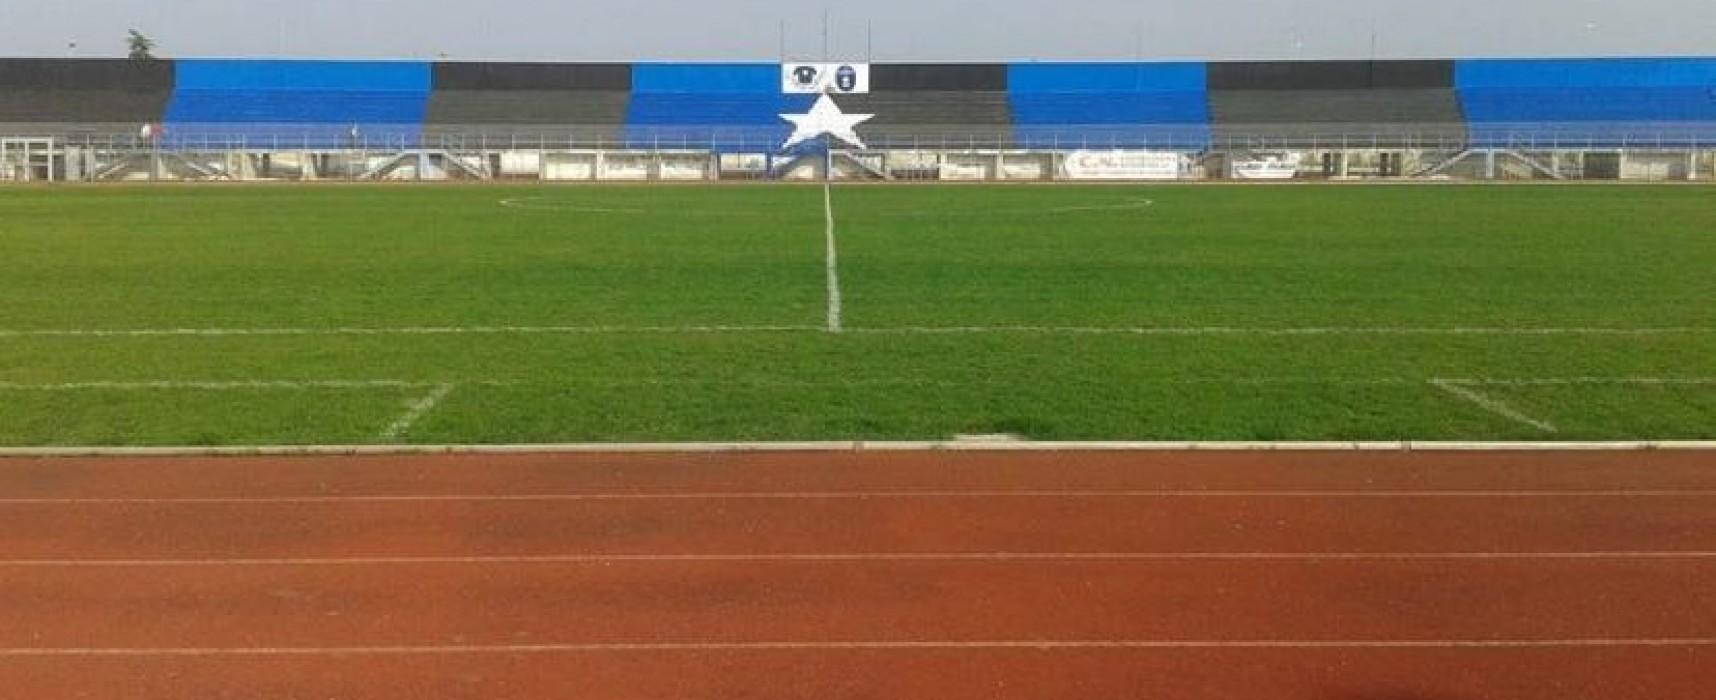 Rinnovo della concessione del Ventura al Bisceglie Calcio, 90.000 euro alla società